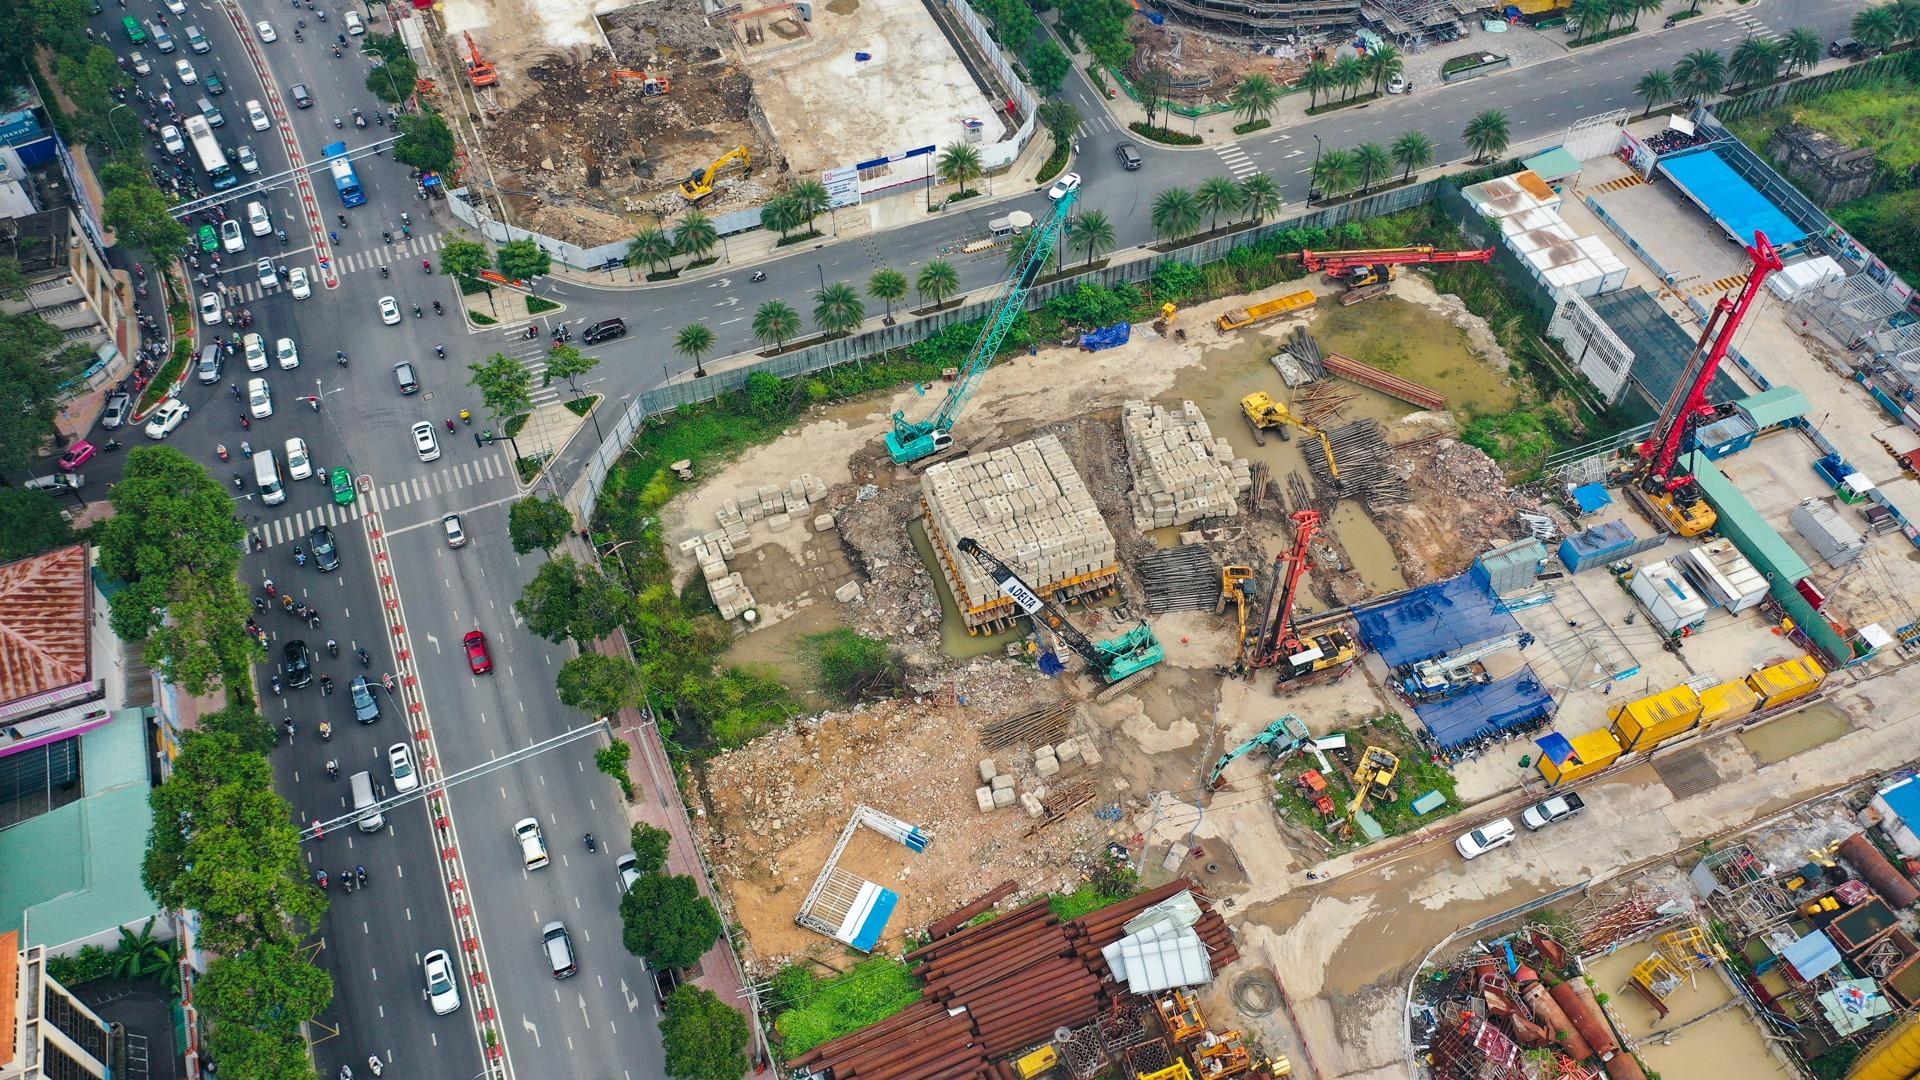 Tiến độ xây dưng phần móng dự án căn hộ Grand Marina Saigon Quận 1